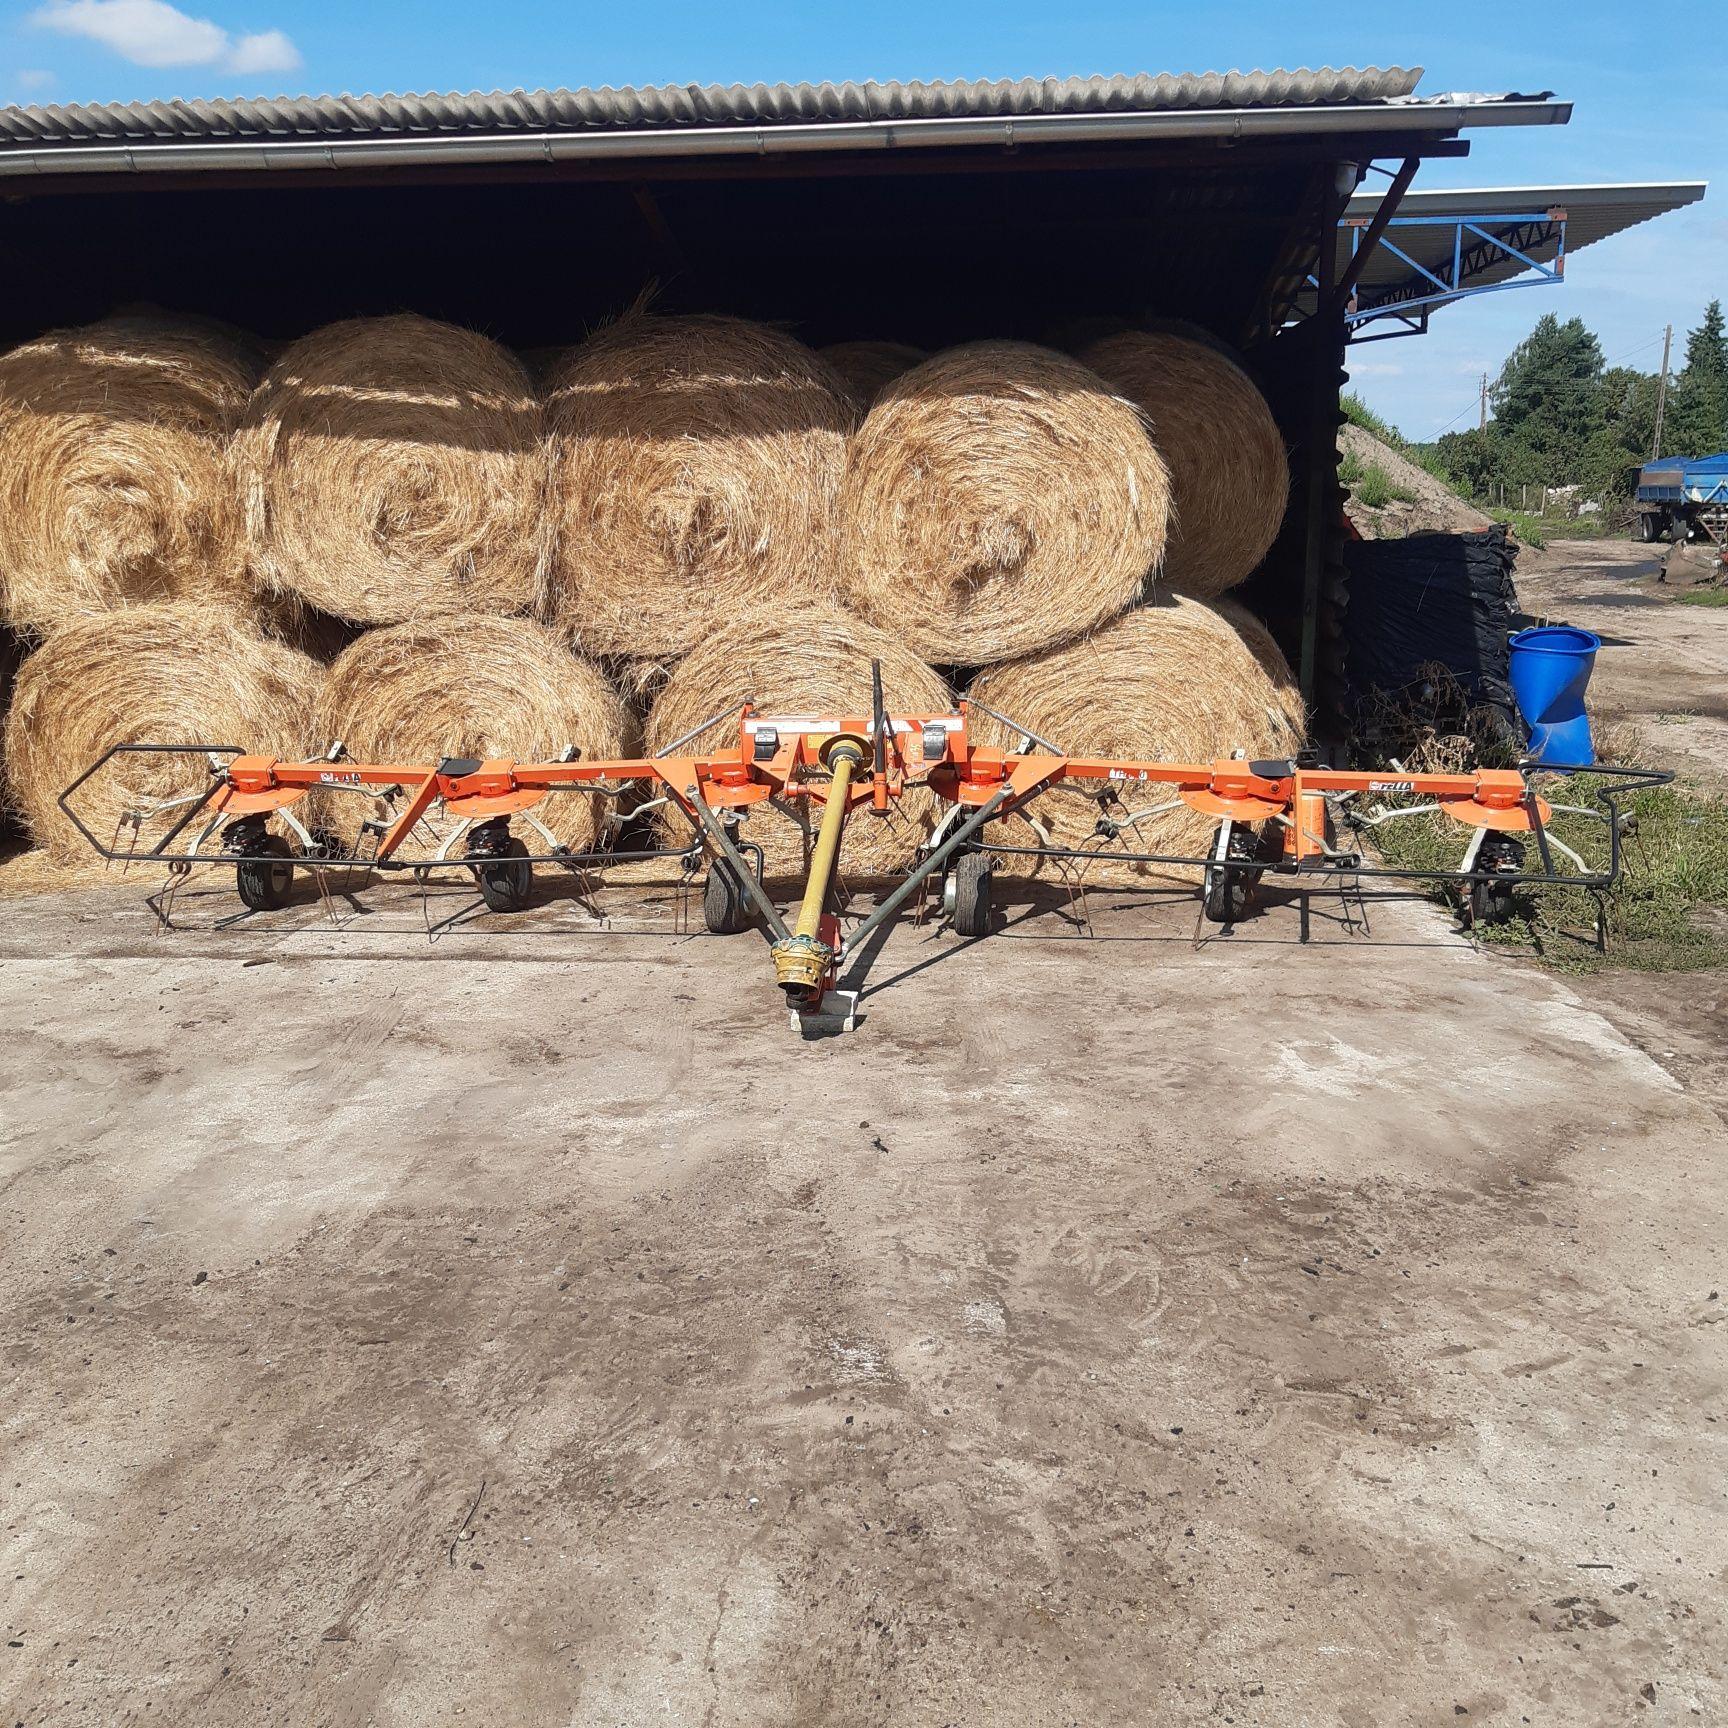 Przewracarka przetrzasarka pajak siana trawy FELLA th 790 zamiana kuhn